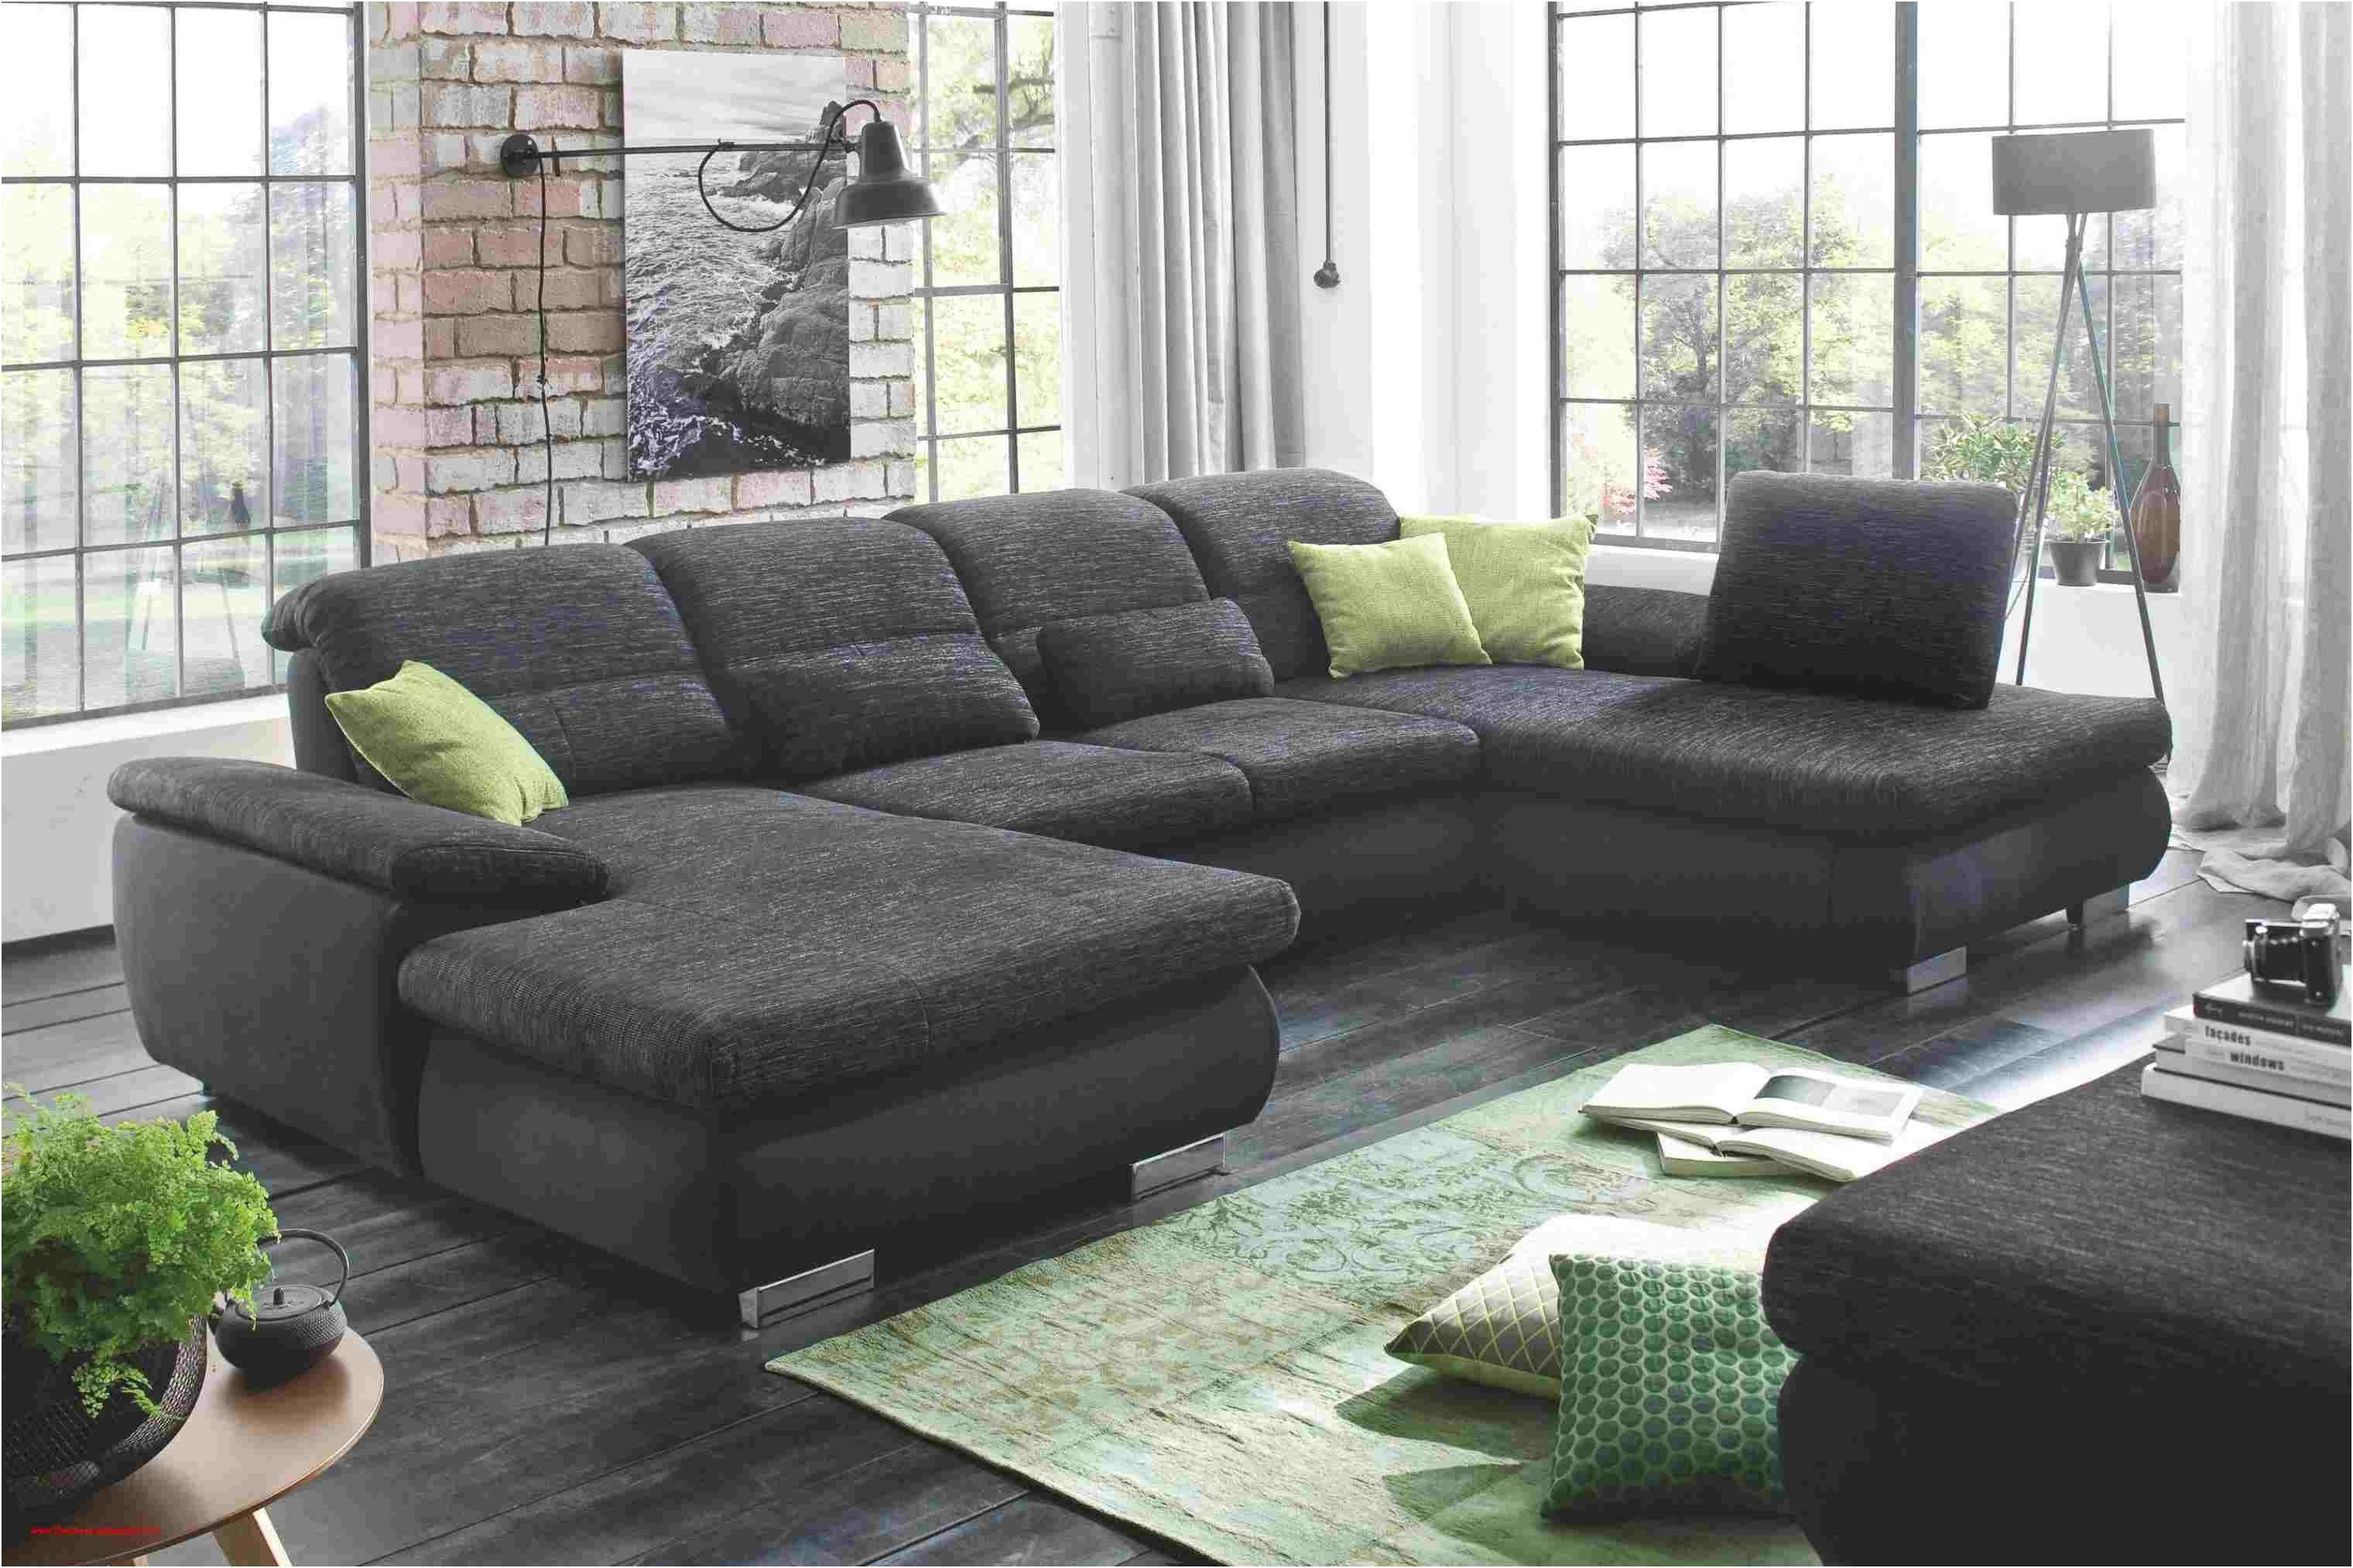 Grossartig Sofa 200 Living Room Sofa Design Small Living Room Chairs Small Room Bedroom